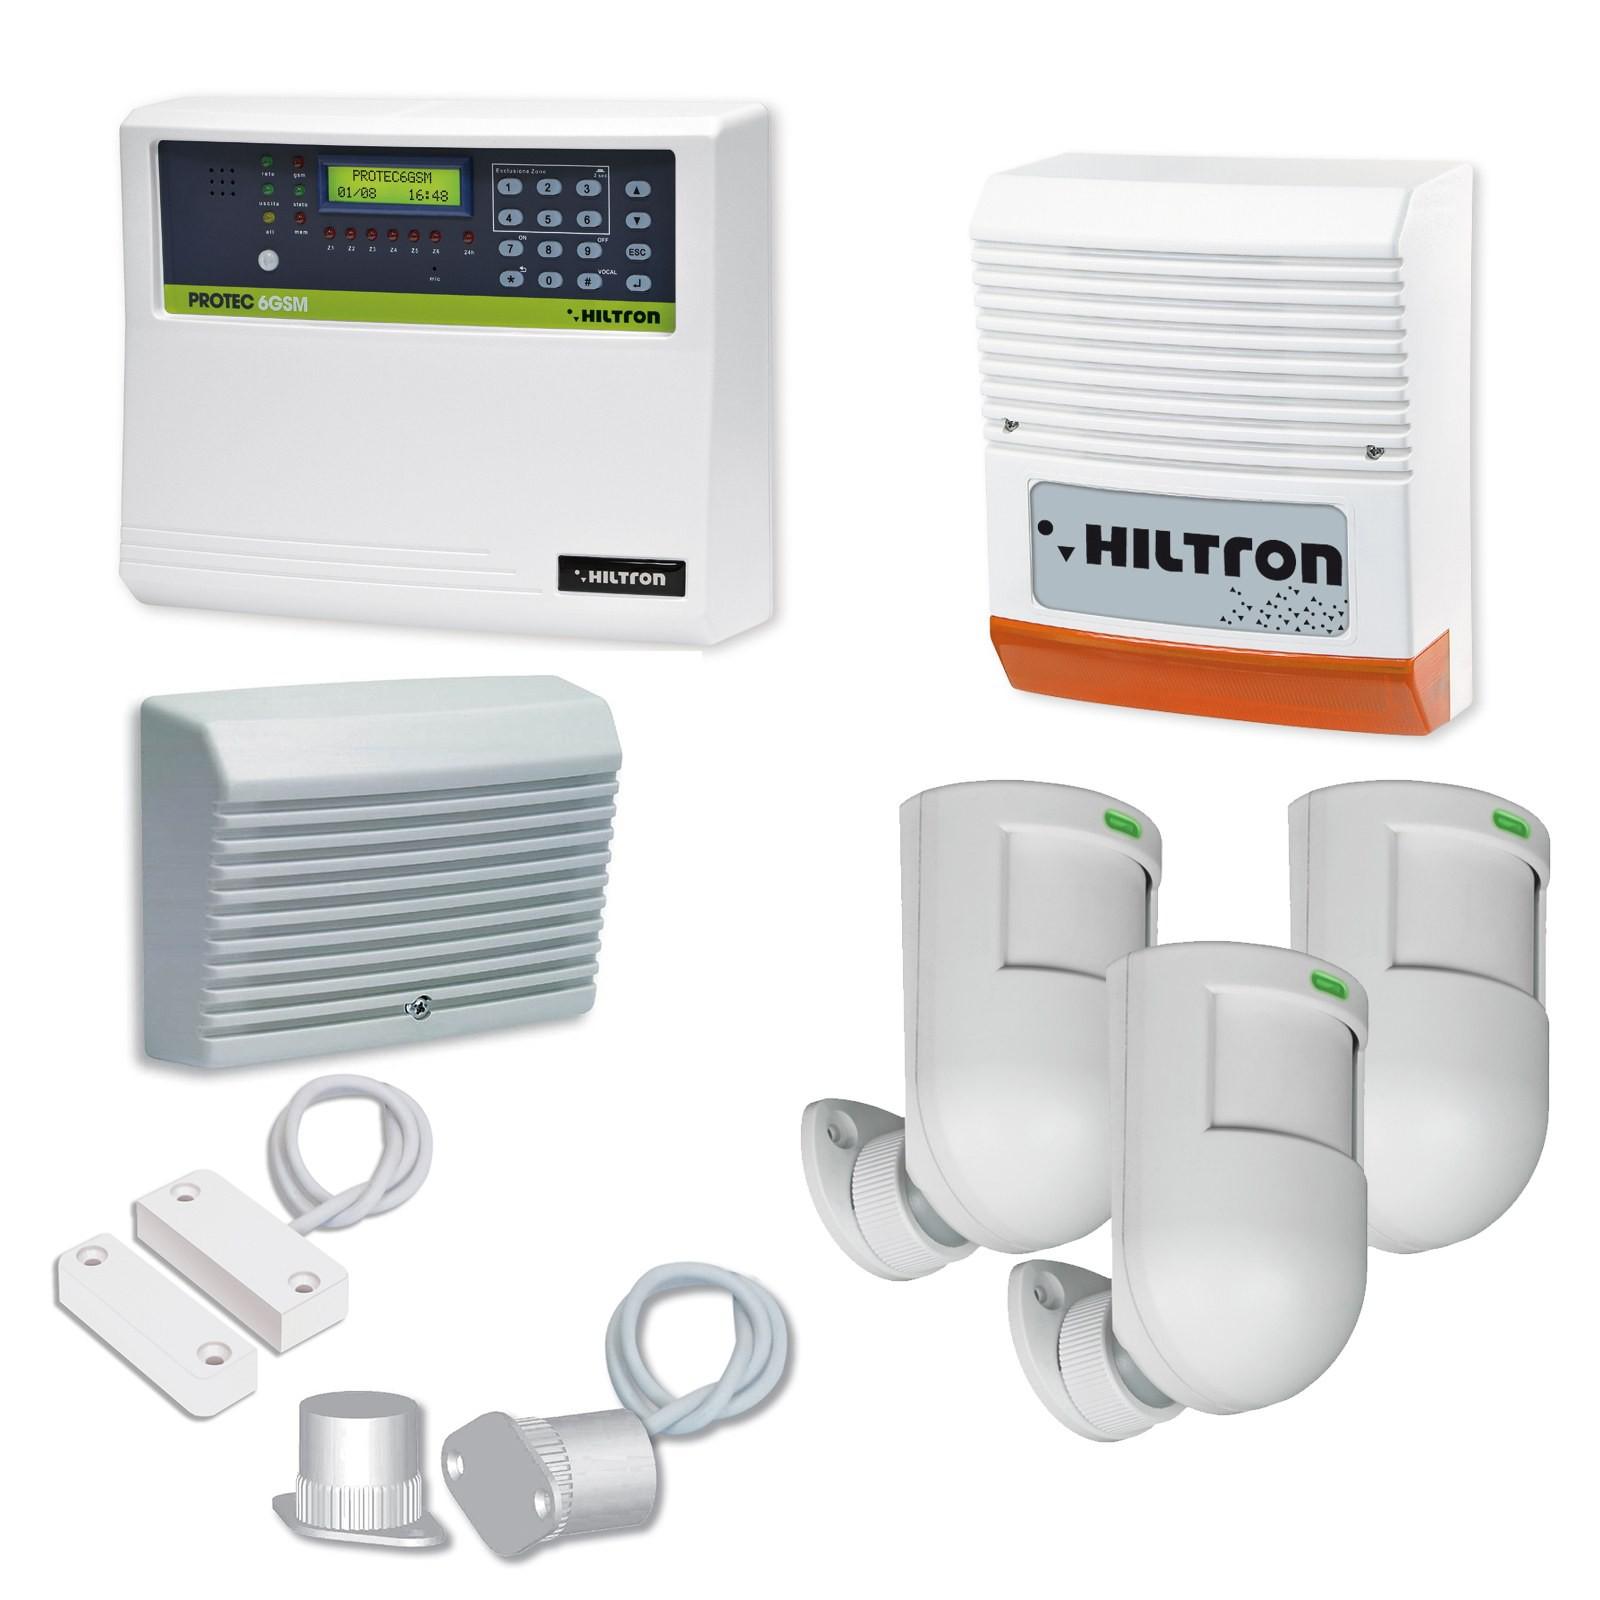 Kit allarme centrale antifurto casa combinatore gsm sirena - Allarmi per casa ...